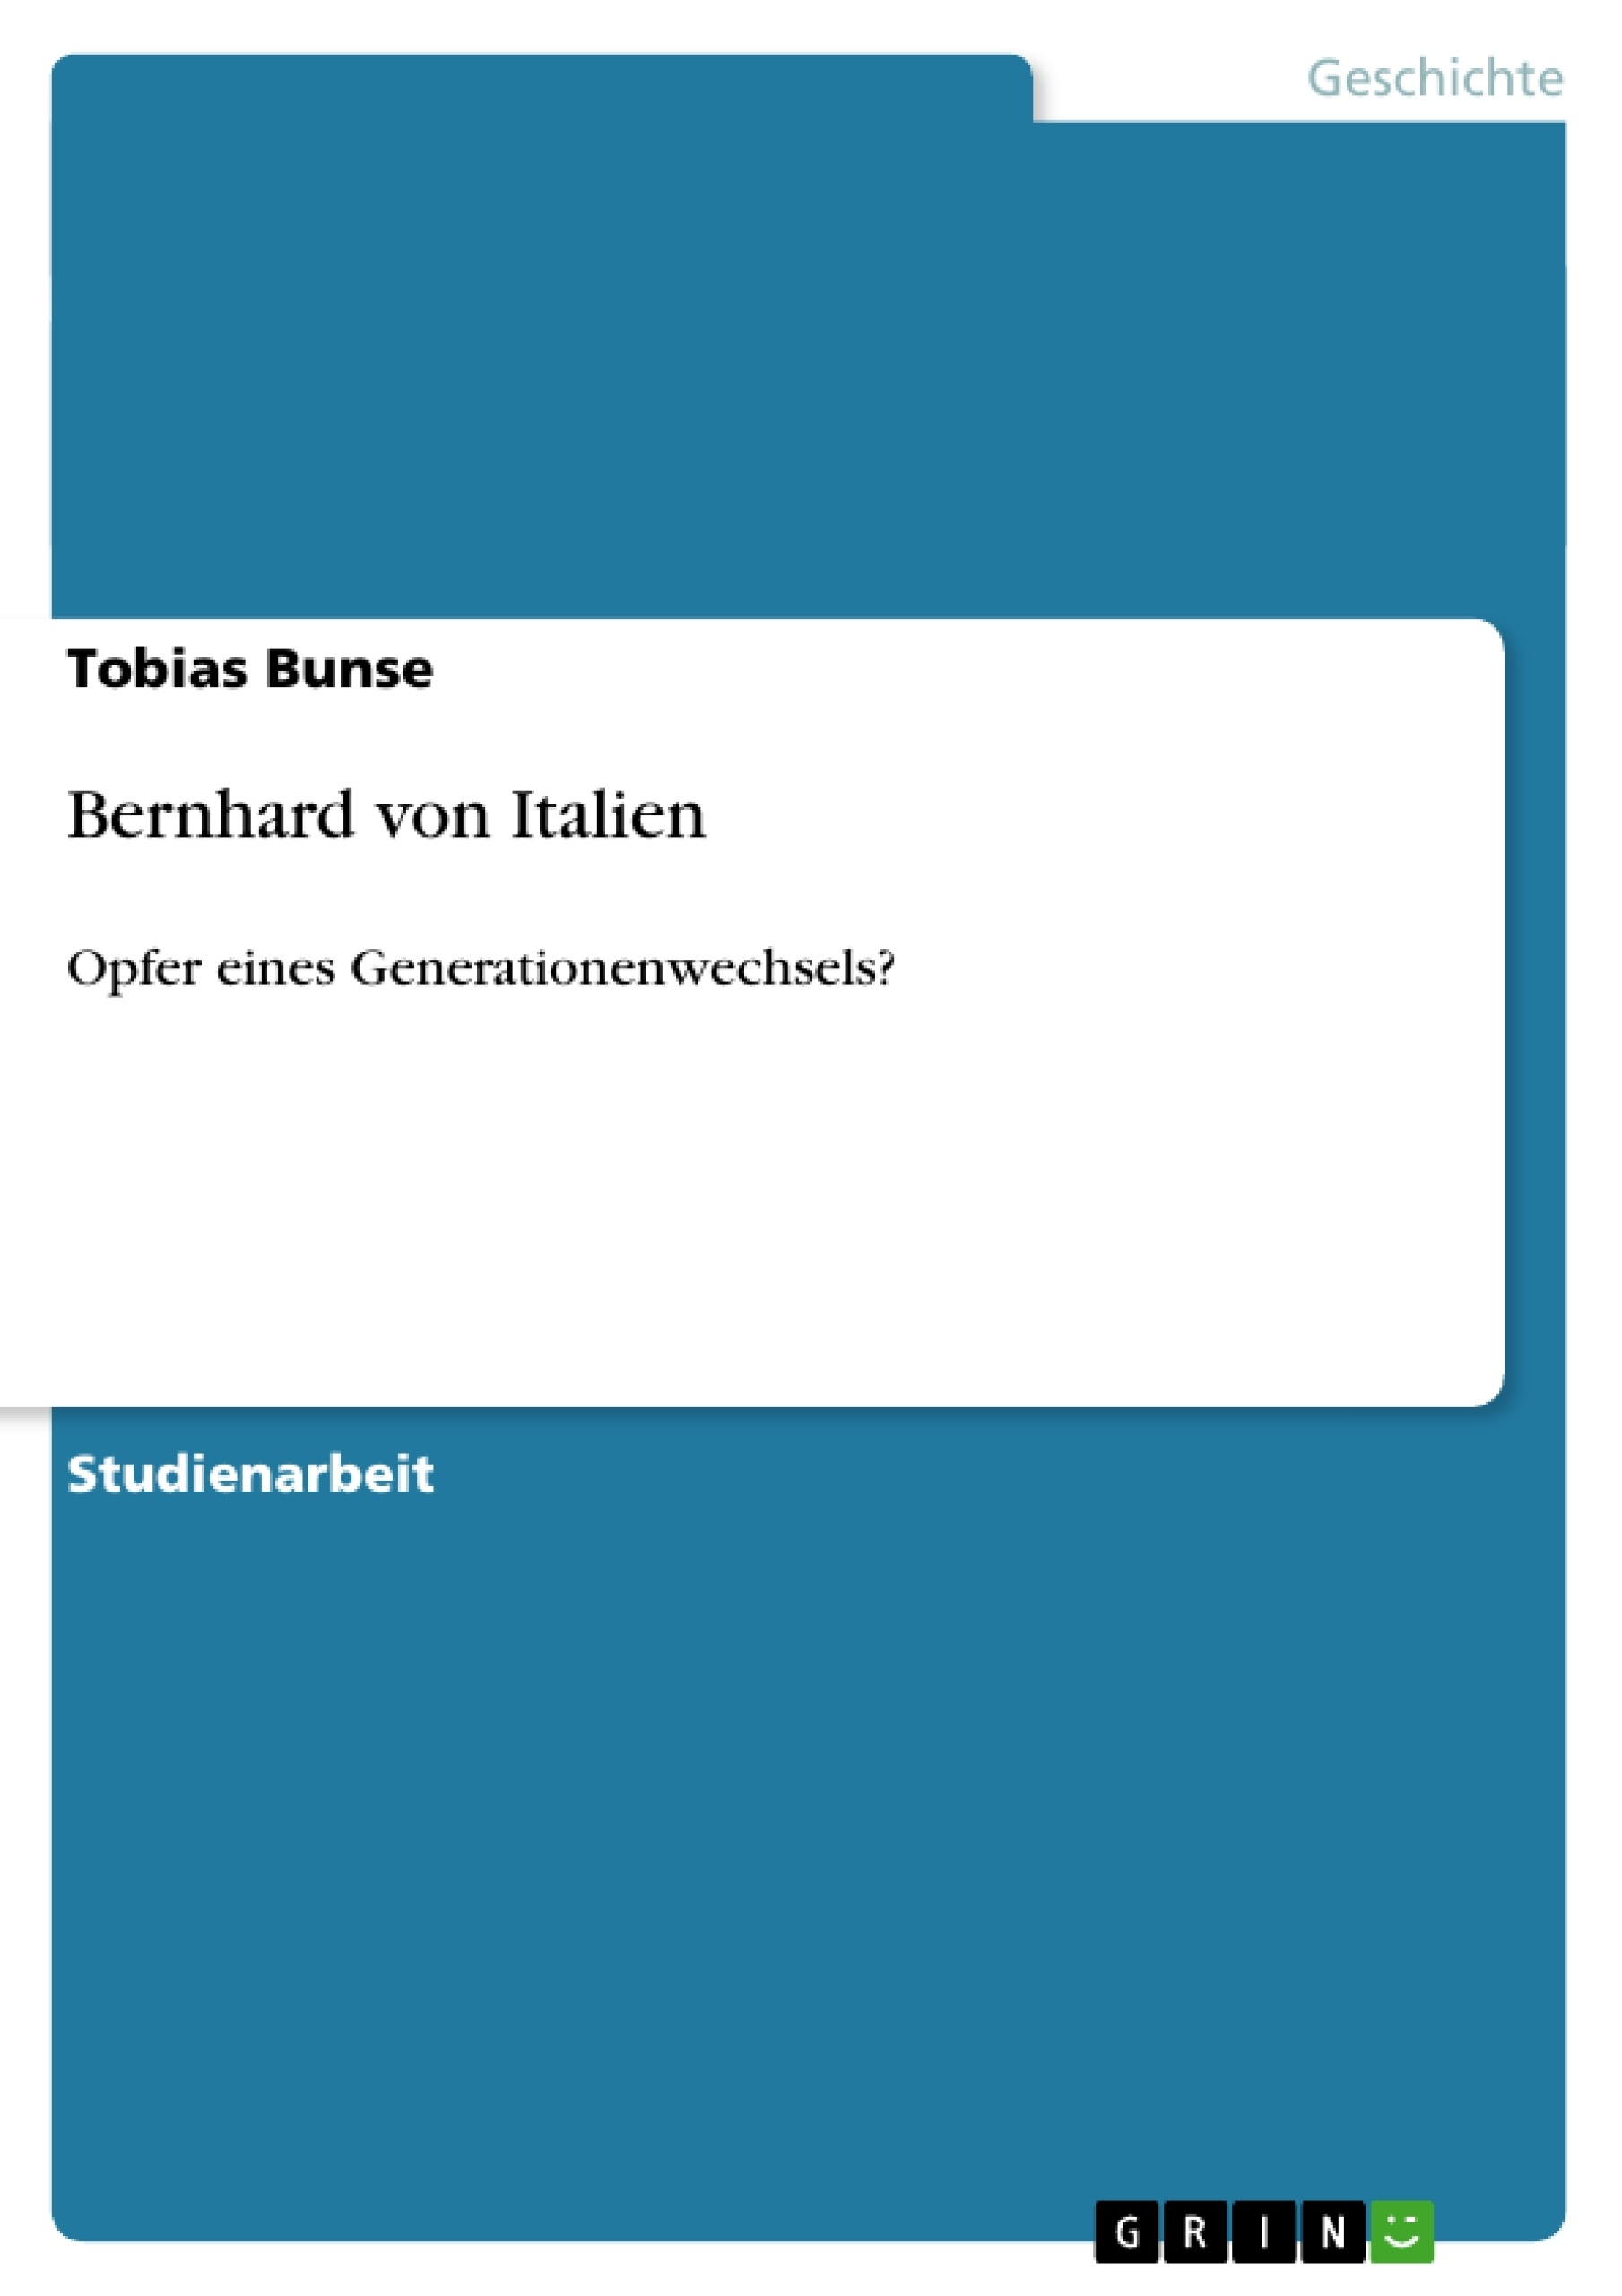 Titel: Bernhard von Italien